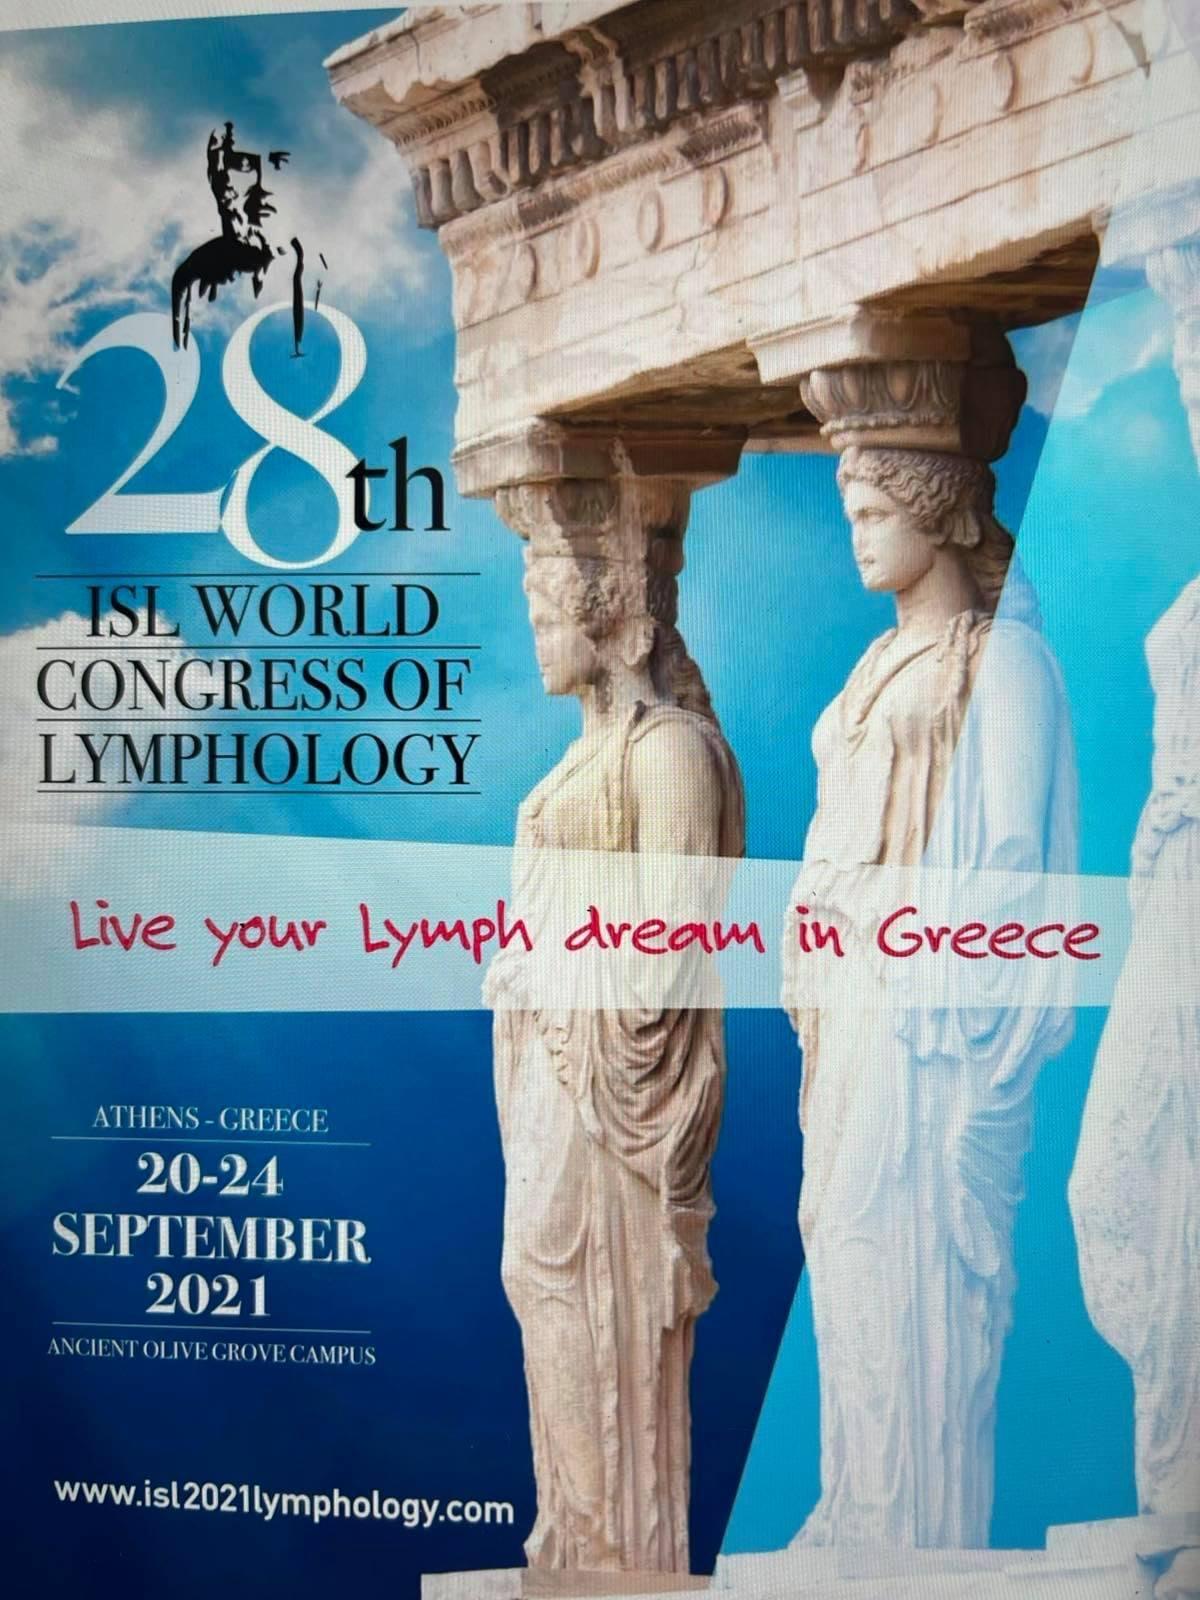 Ελληνική επιστημονική μελέτη βραβεύθηκε στο 28ο  Παγκόσμιο Συνέδριο Λεμφολογίας